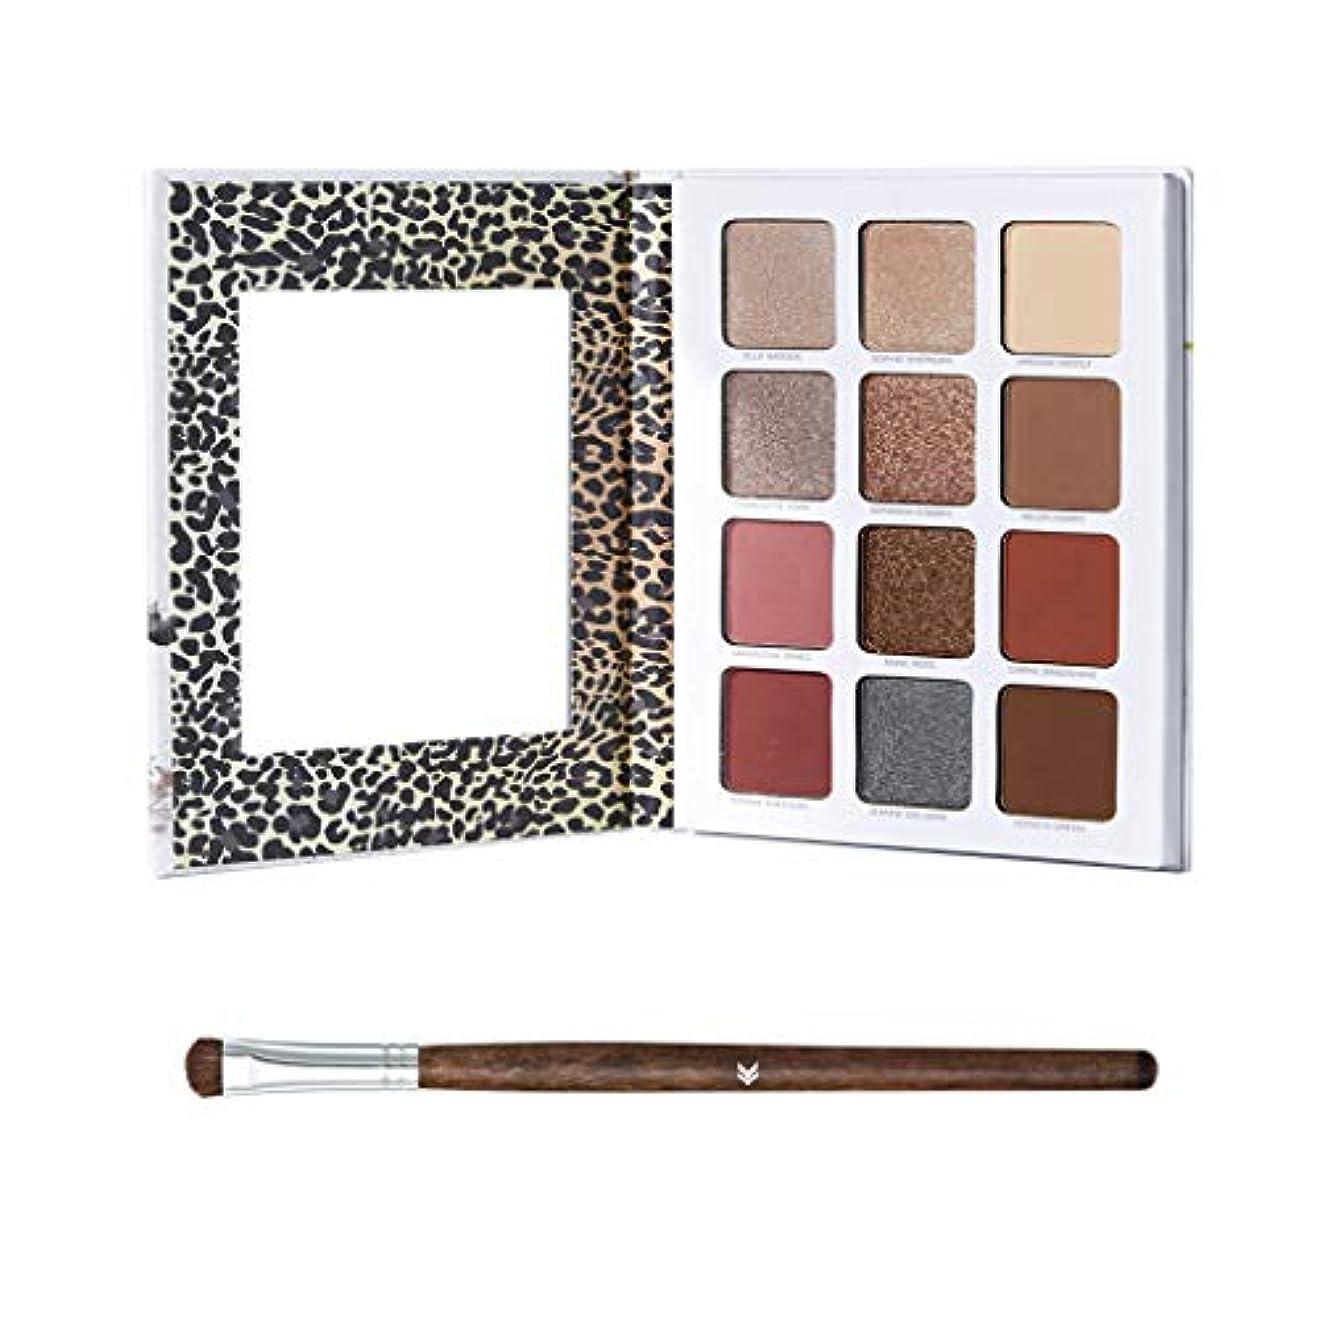 和解する光沢スペシャリストDYNWAVE たくさんの色アイシャドー化粧品メイクアップマットアイシャドーパレット - 12色